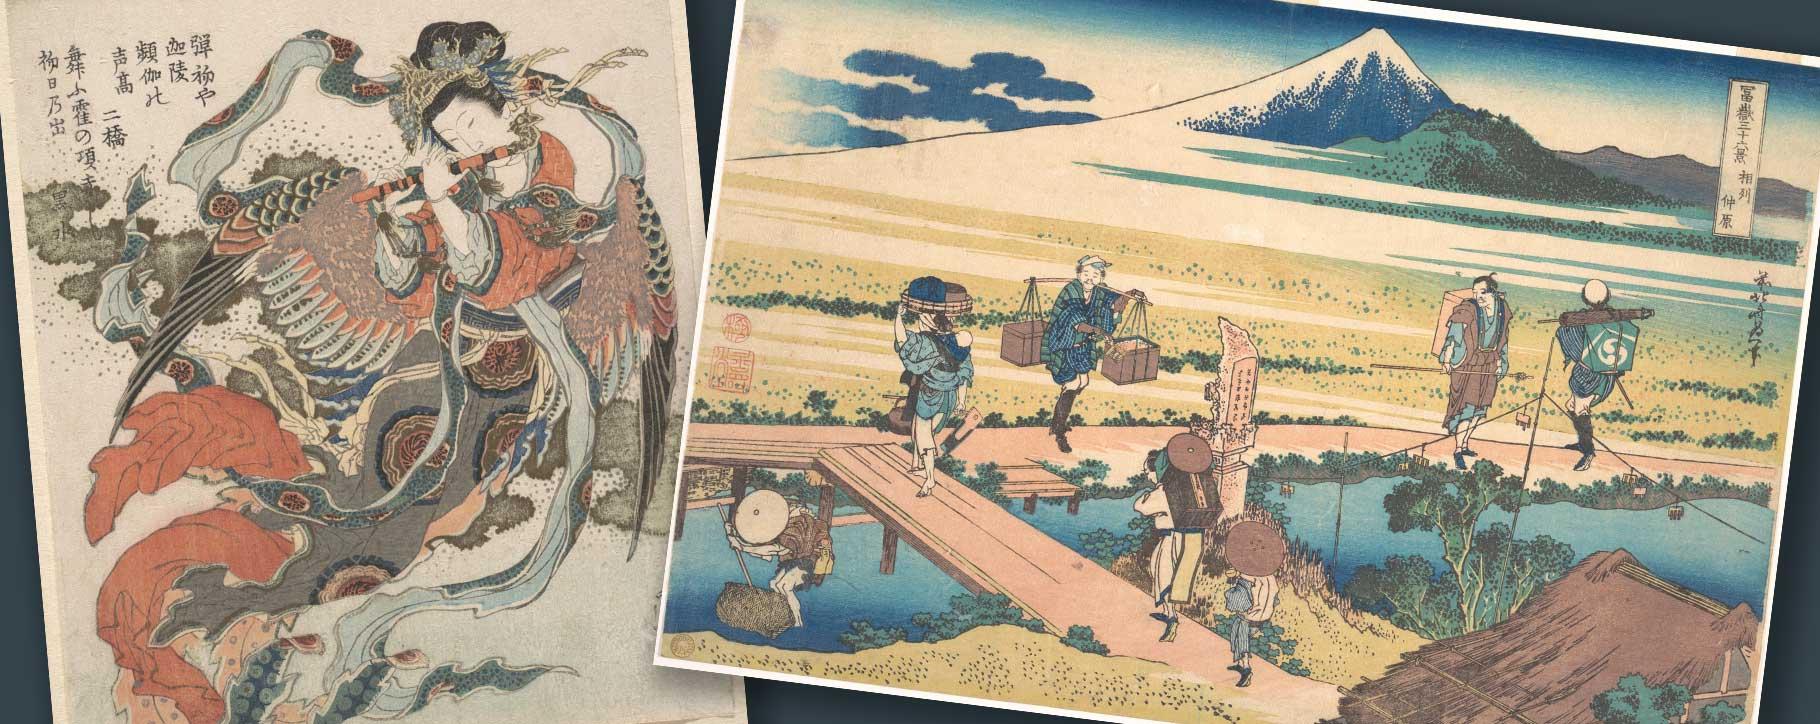 japanese wood cuts prints